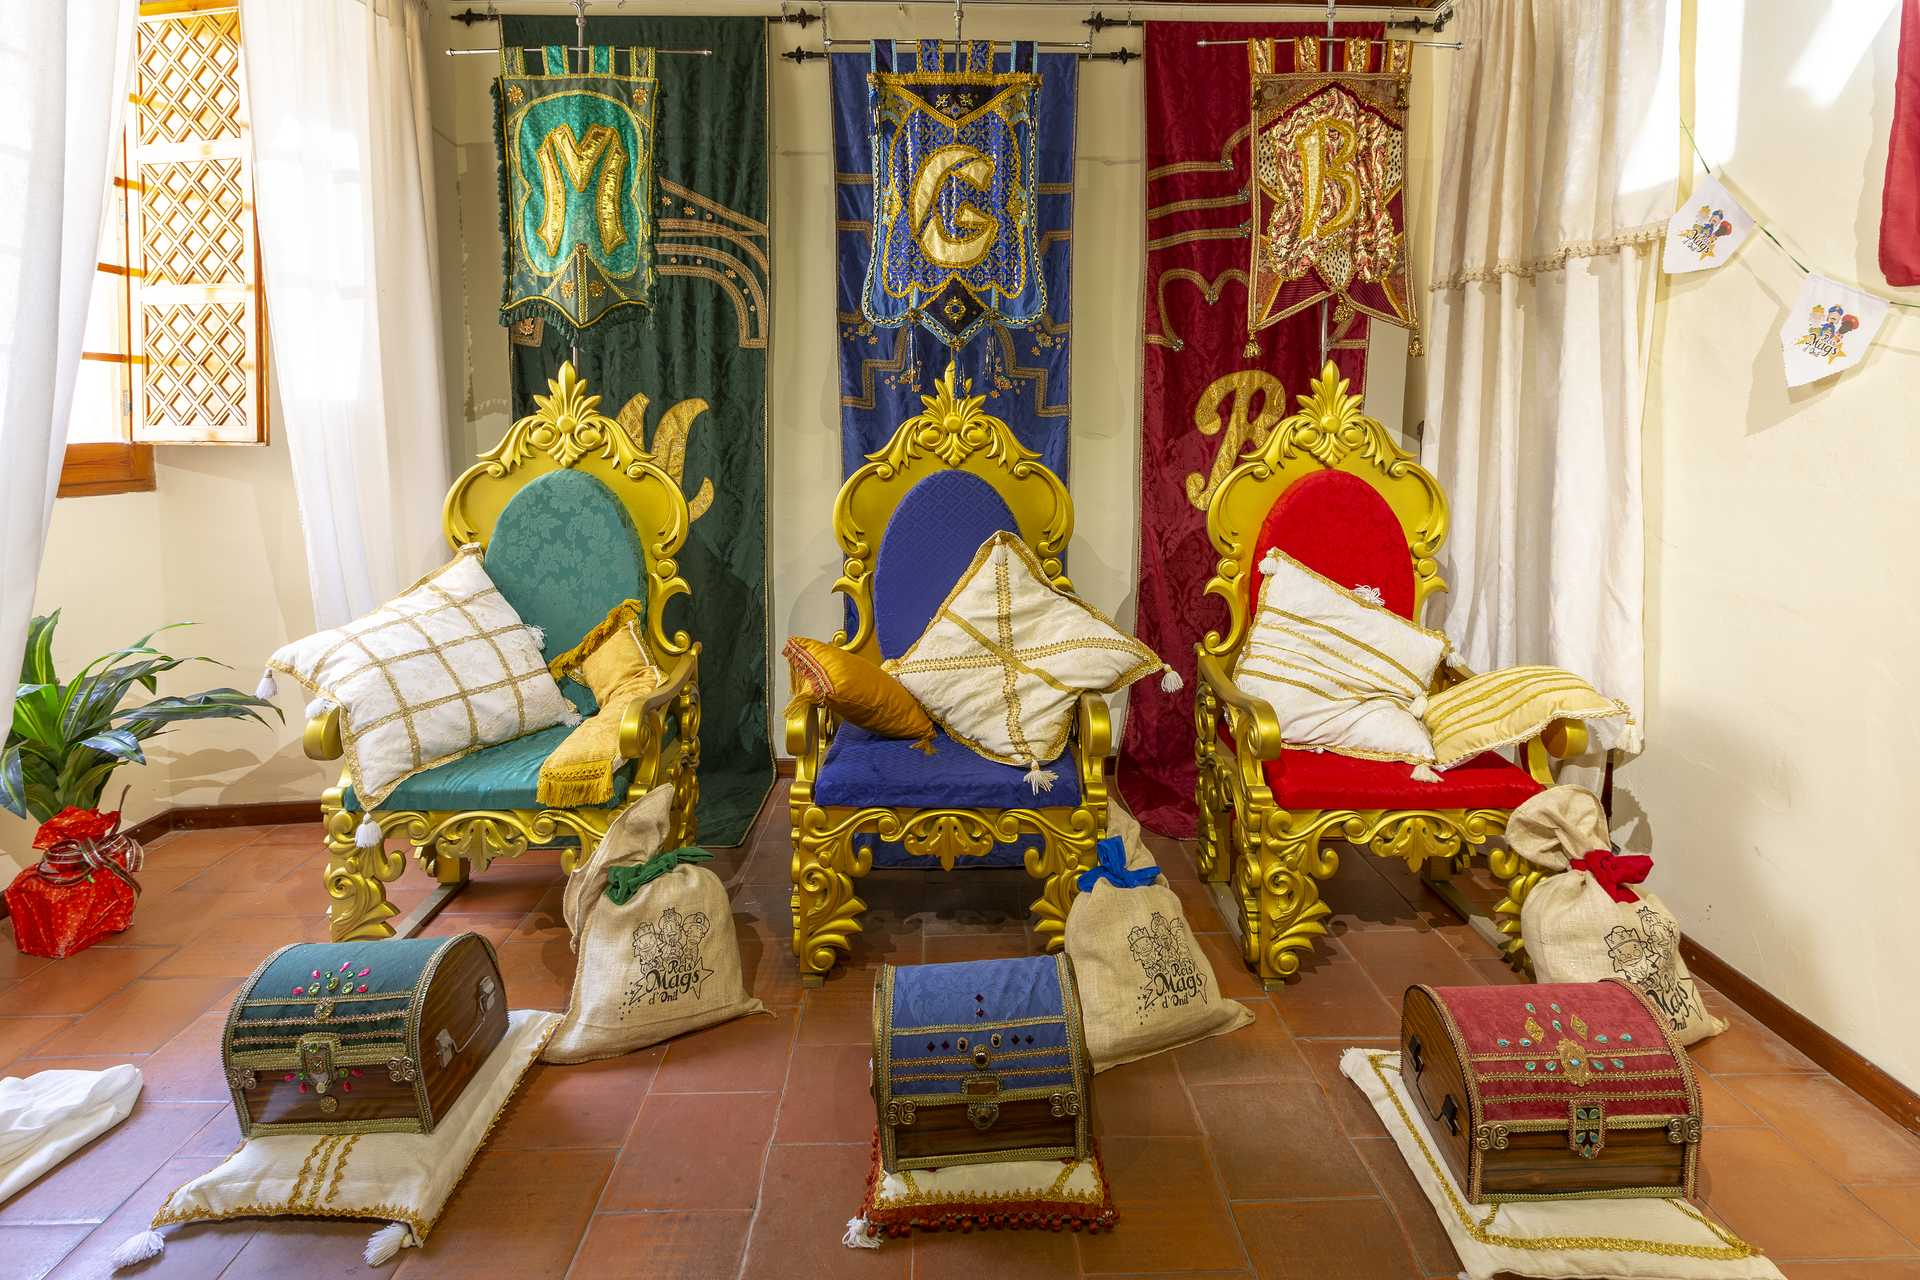 Museo de los Reyes Magos